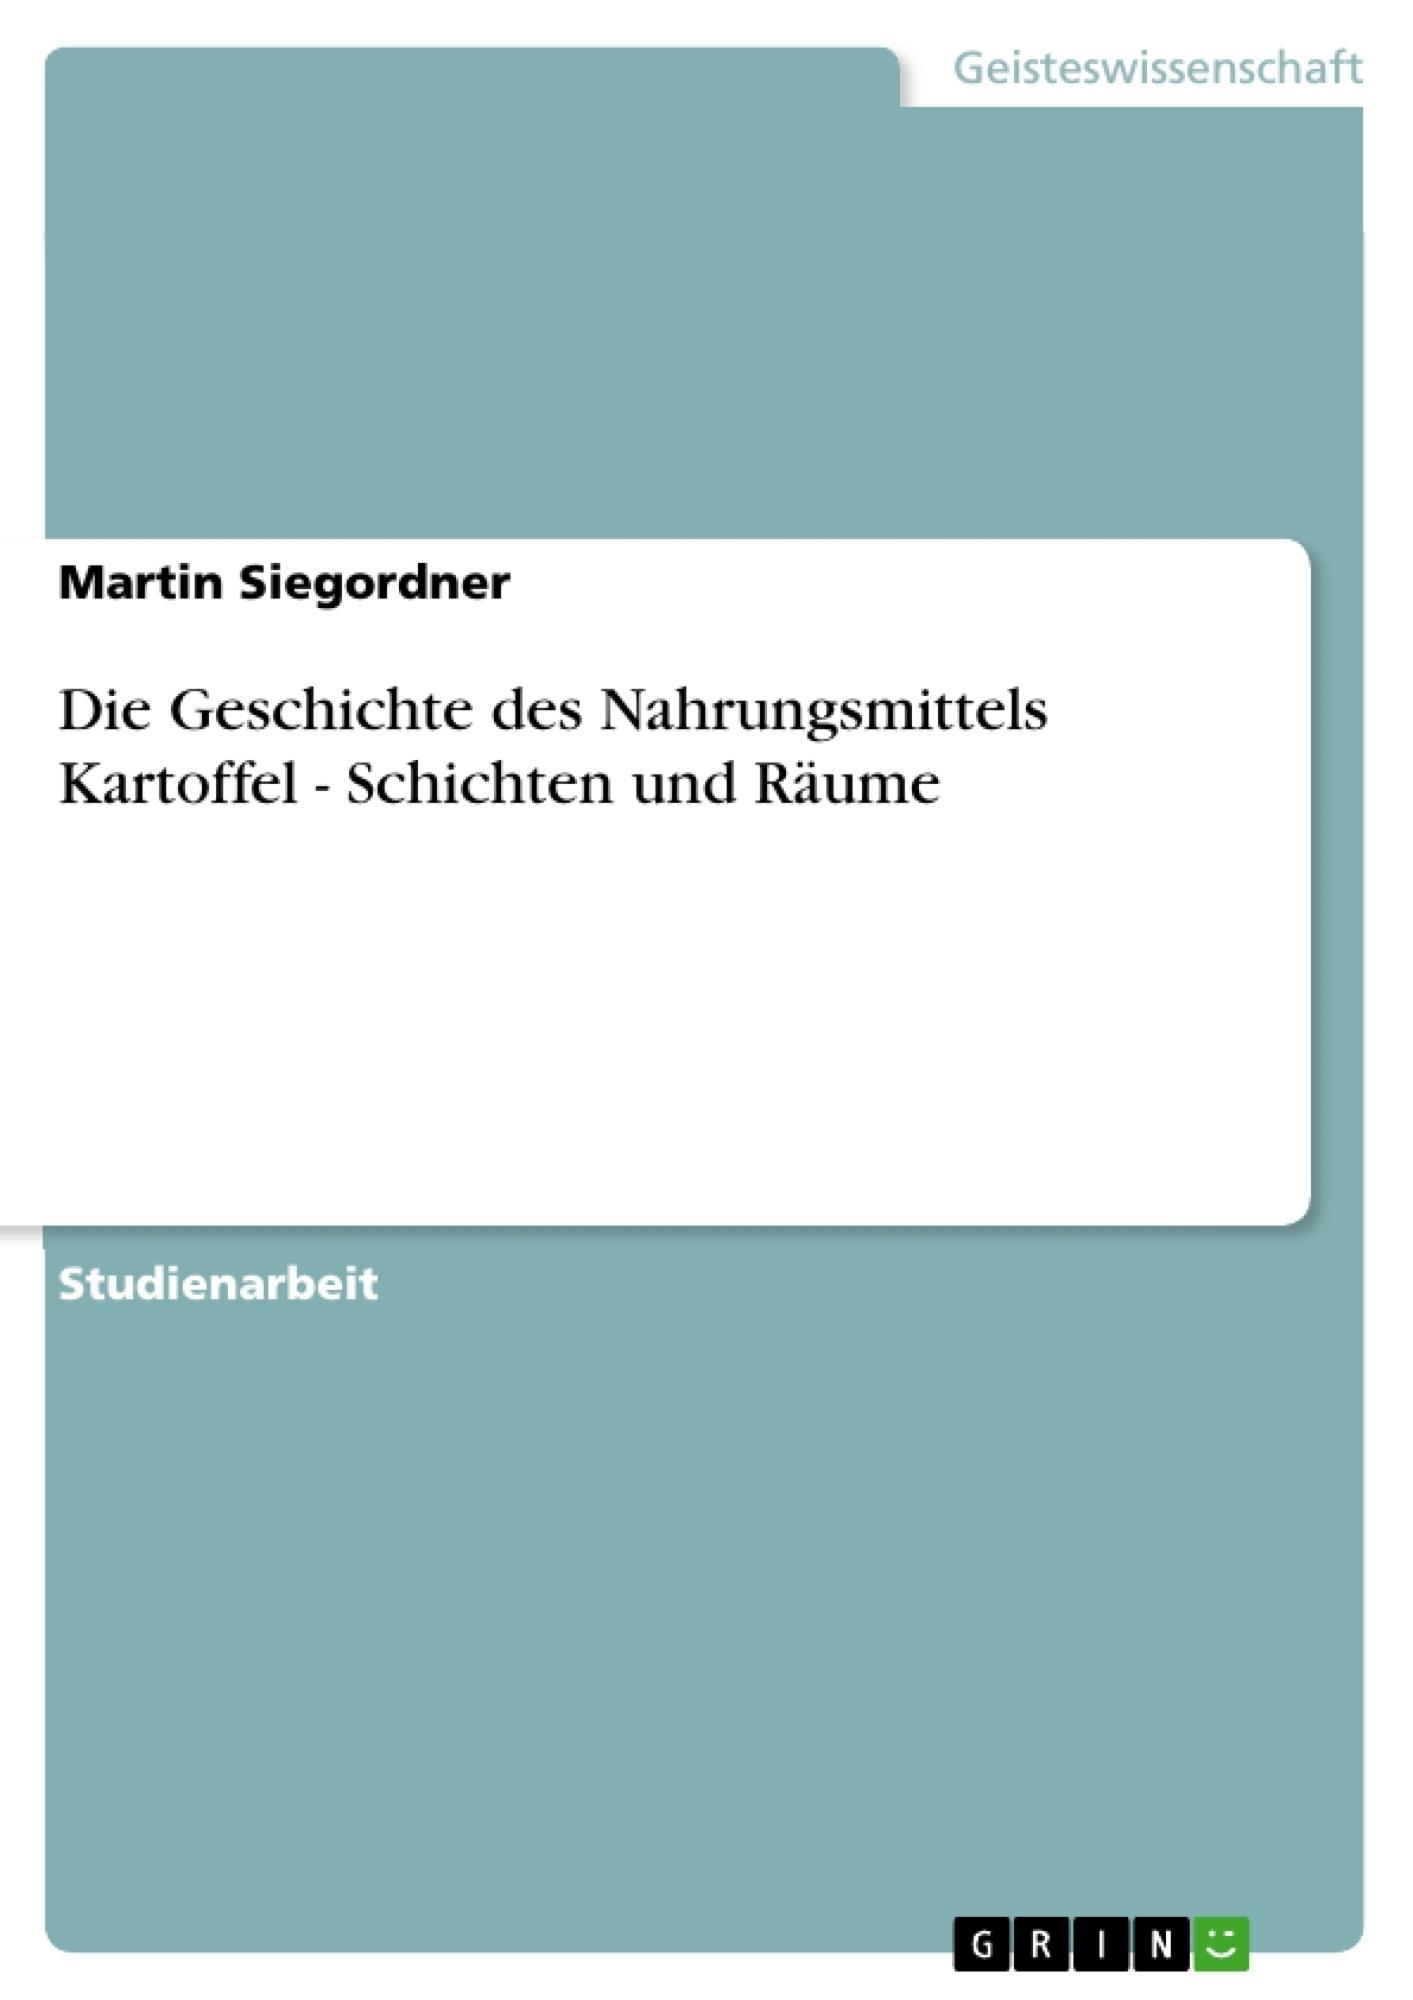 Titel: Die Geschichte des Nahrungsmittels Kartoffel - Schichten und Räume